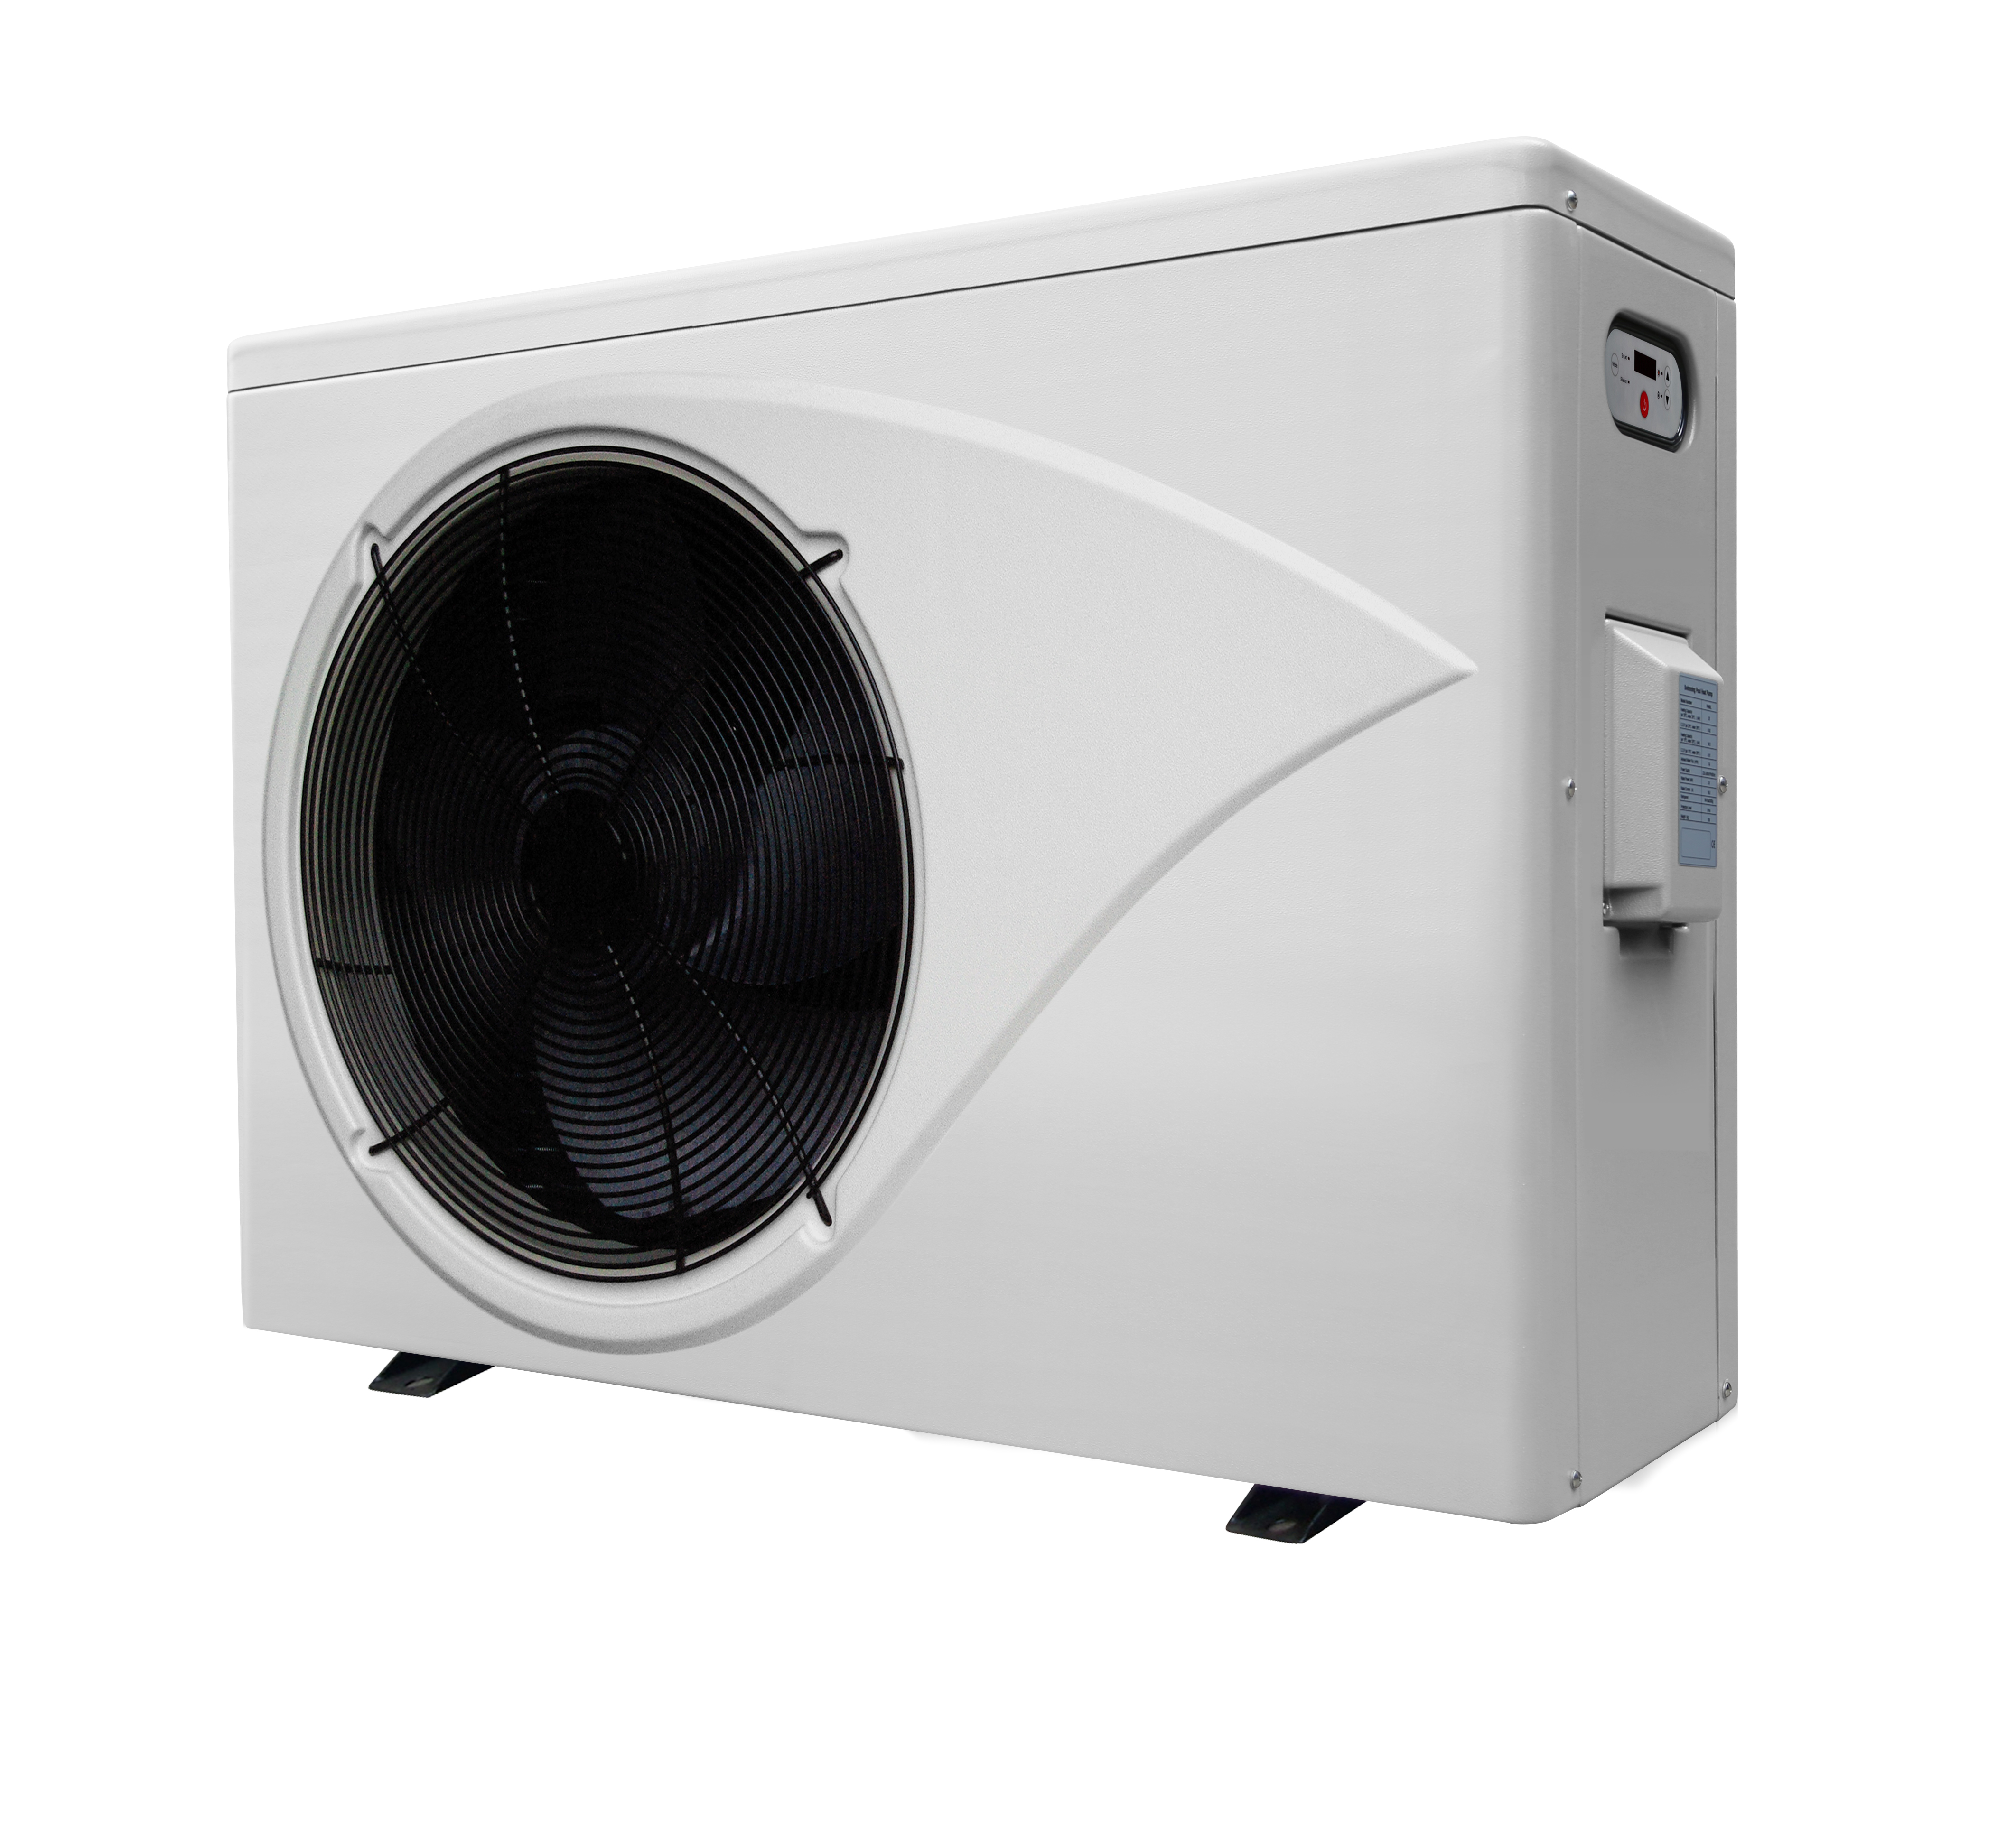 Wärmepumpe AI08 - Inverter